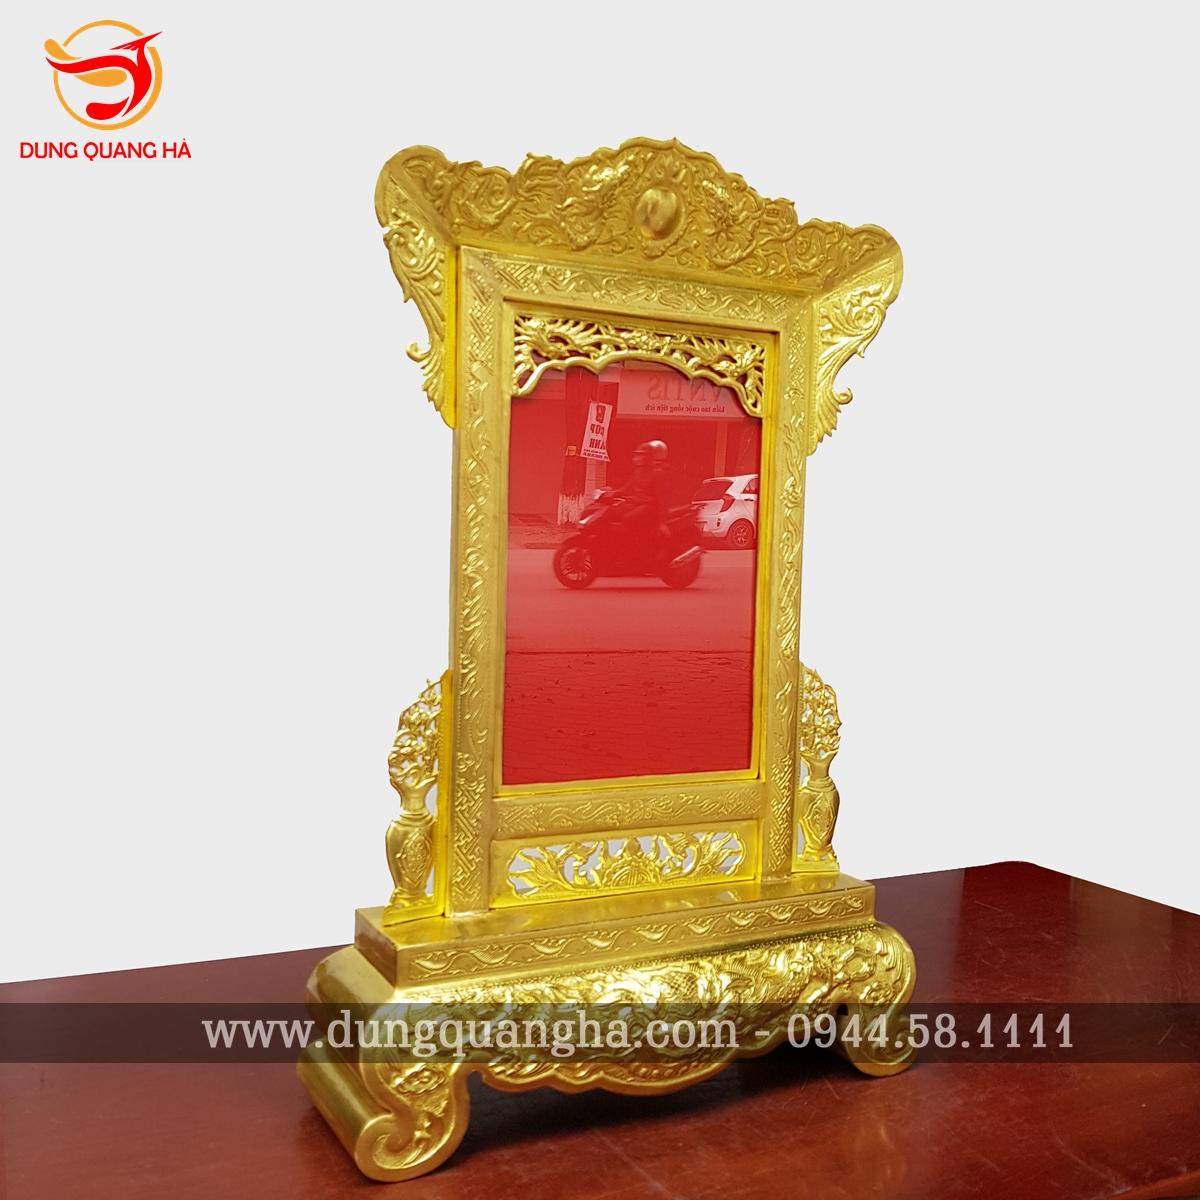 Khung ảnh thờ đồng vàng hoa văn tinh xảo 4